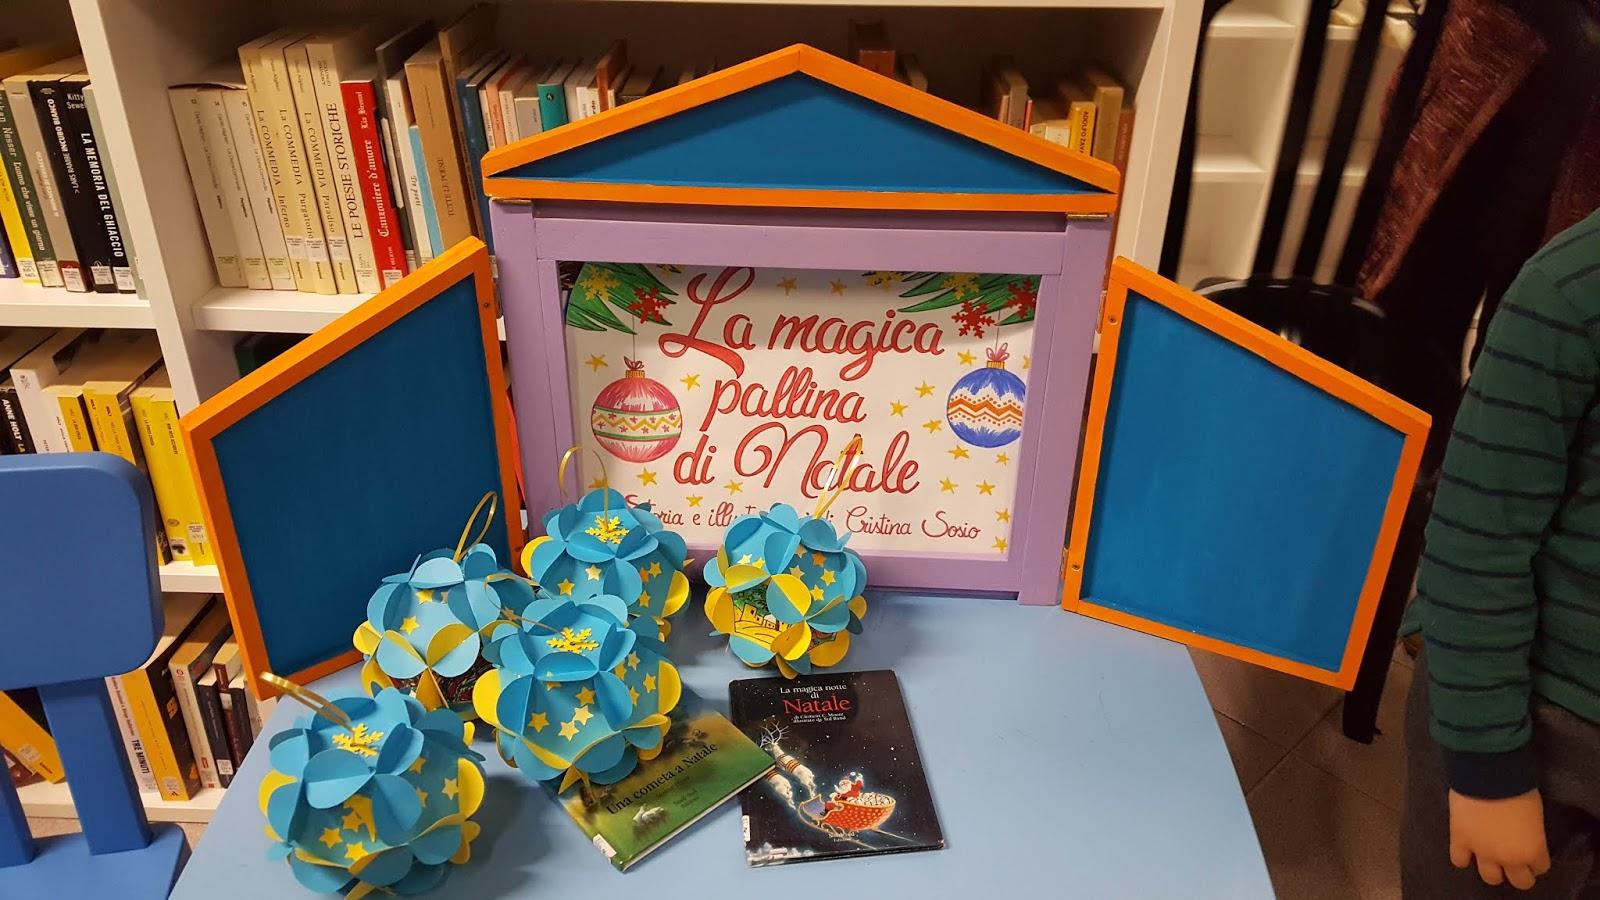 Poesie Di Natale 5 Anni.Biblioteca Civica A Aonzo Di Quiliano Laboratori Didattici E